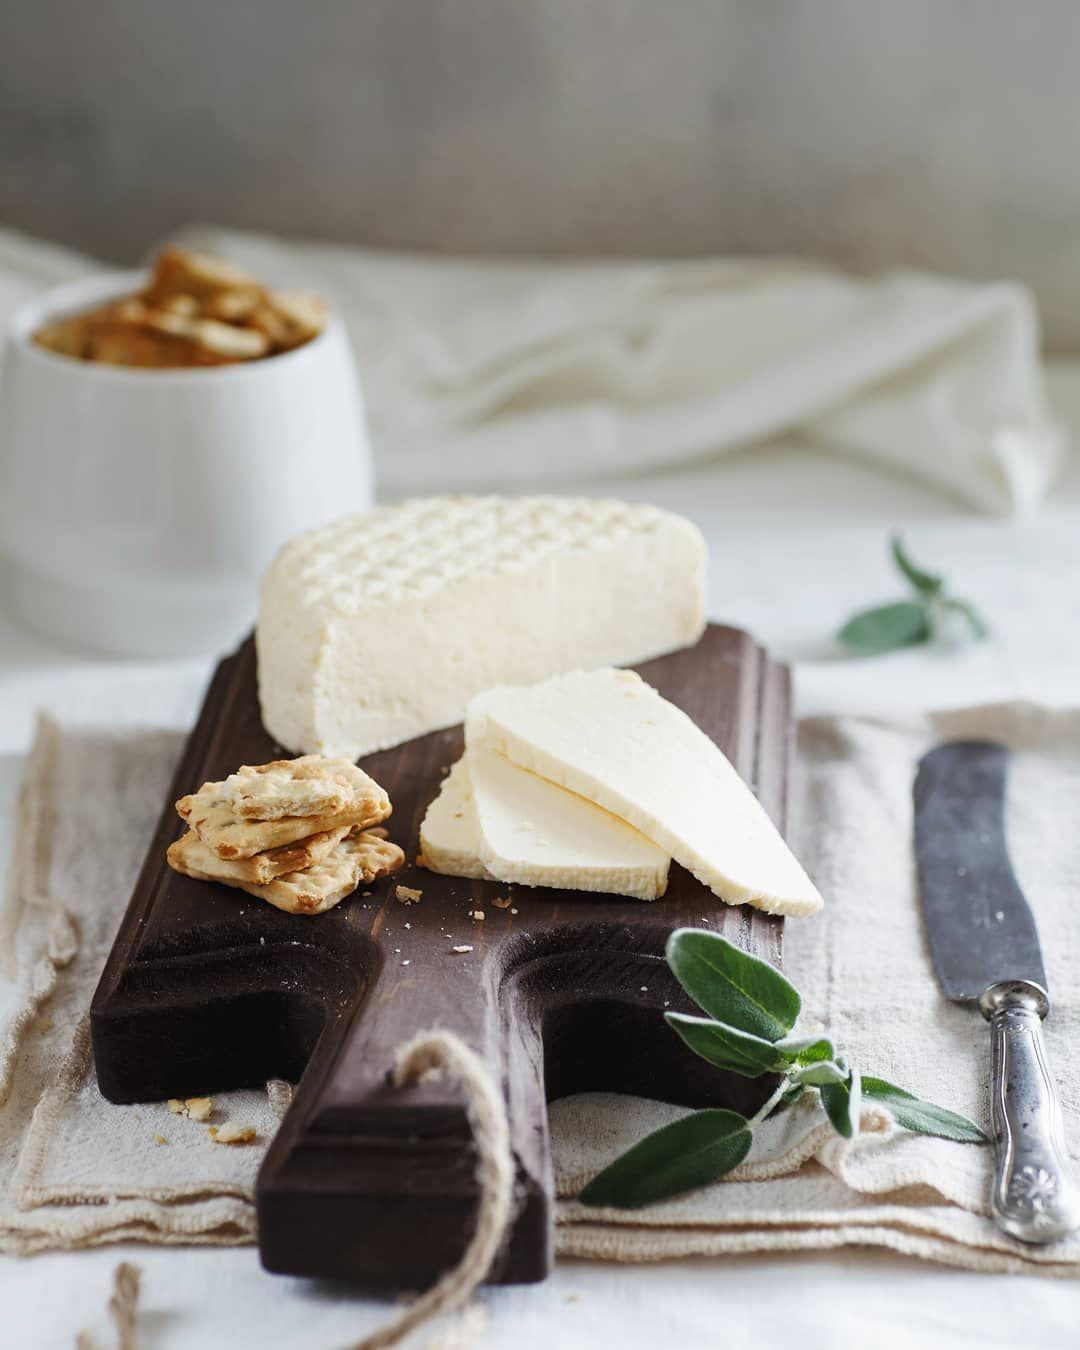 Твердый сыр, брынза или рикотта: 8 простых рецептов приготовления популярных сыров в домашних условиях